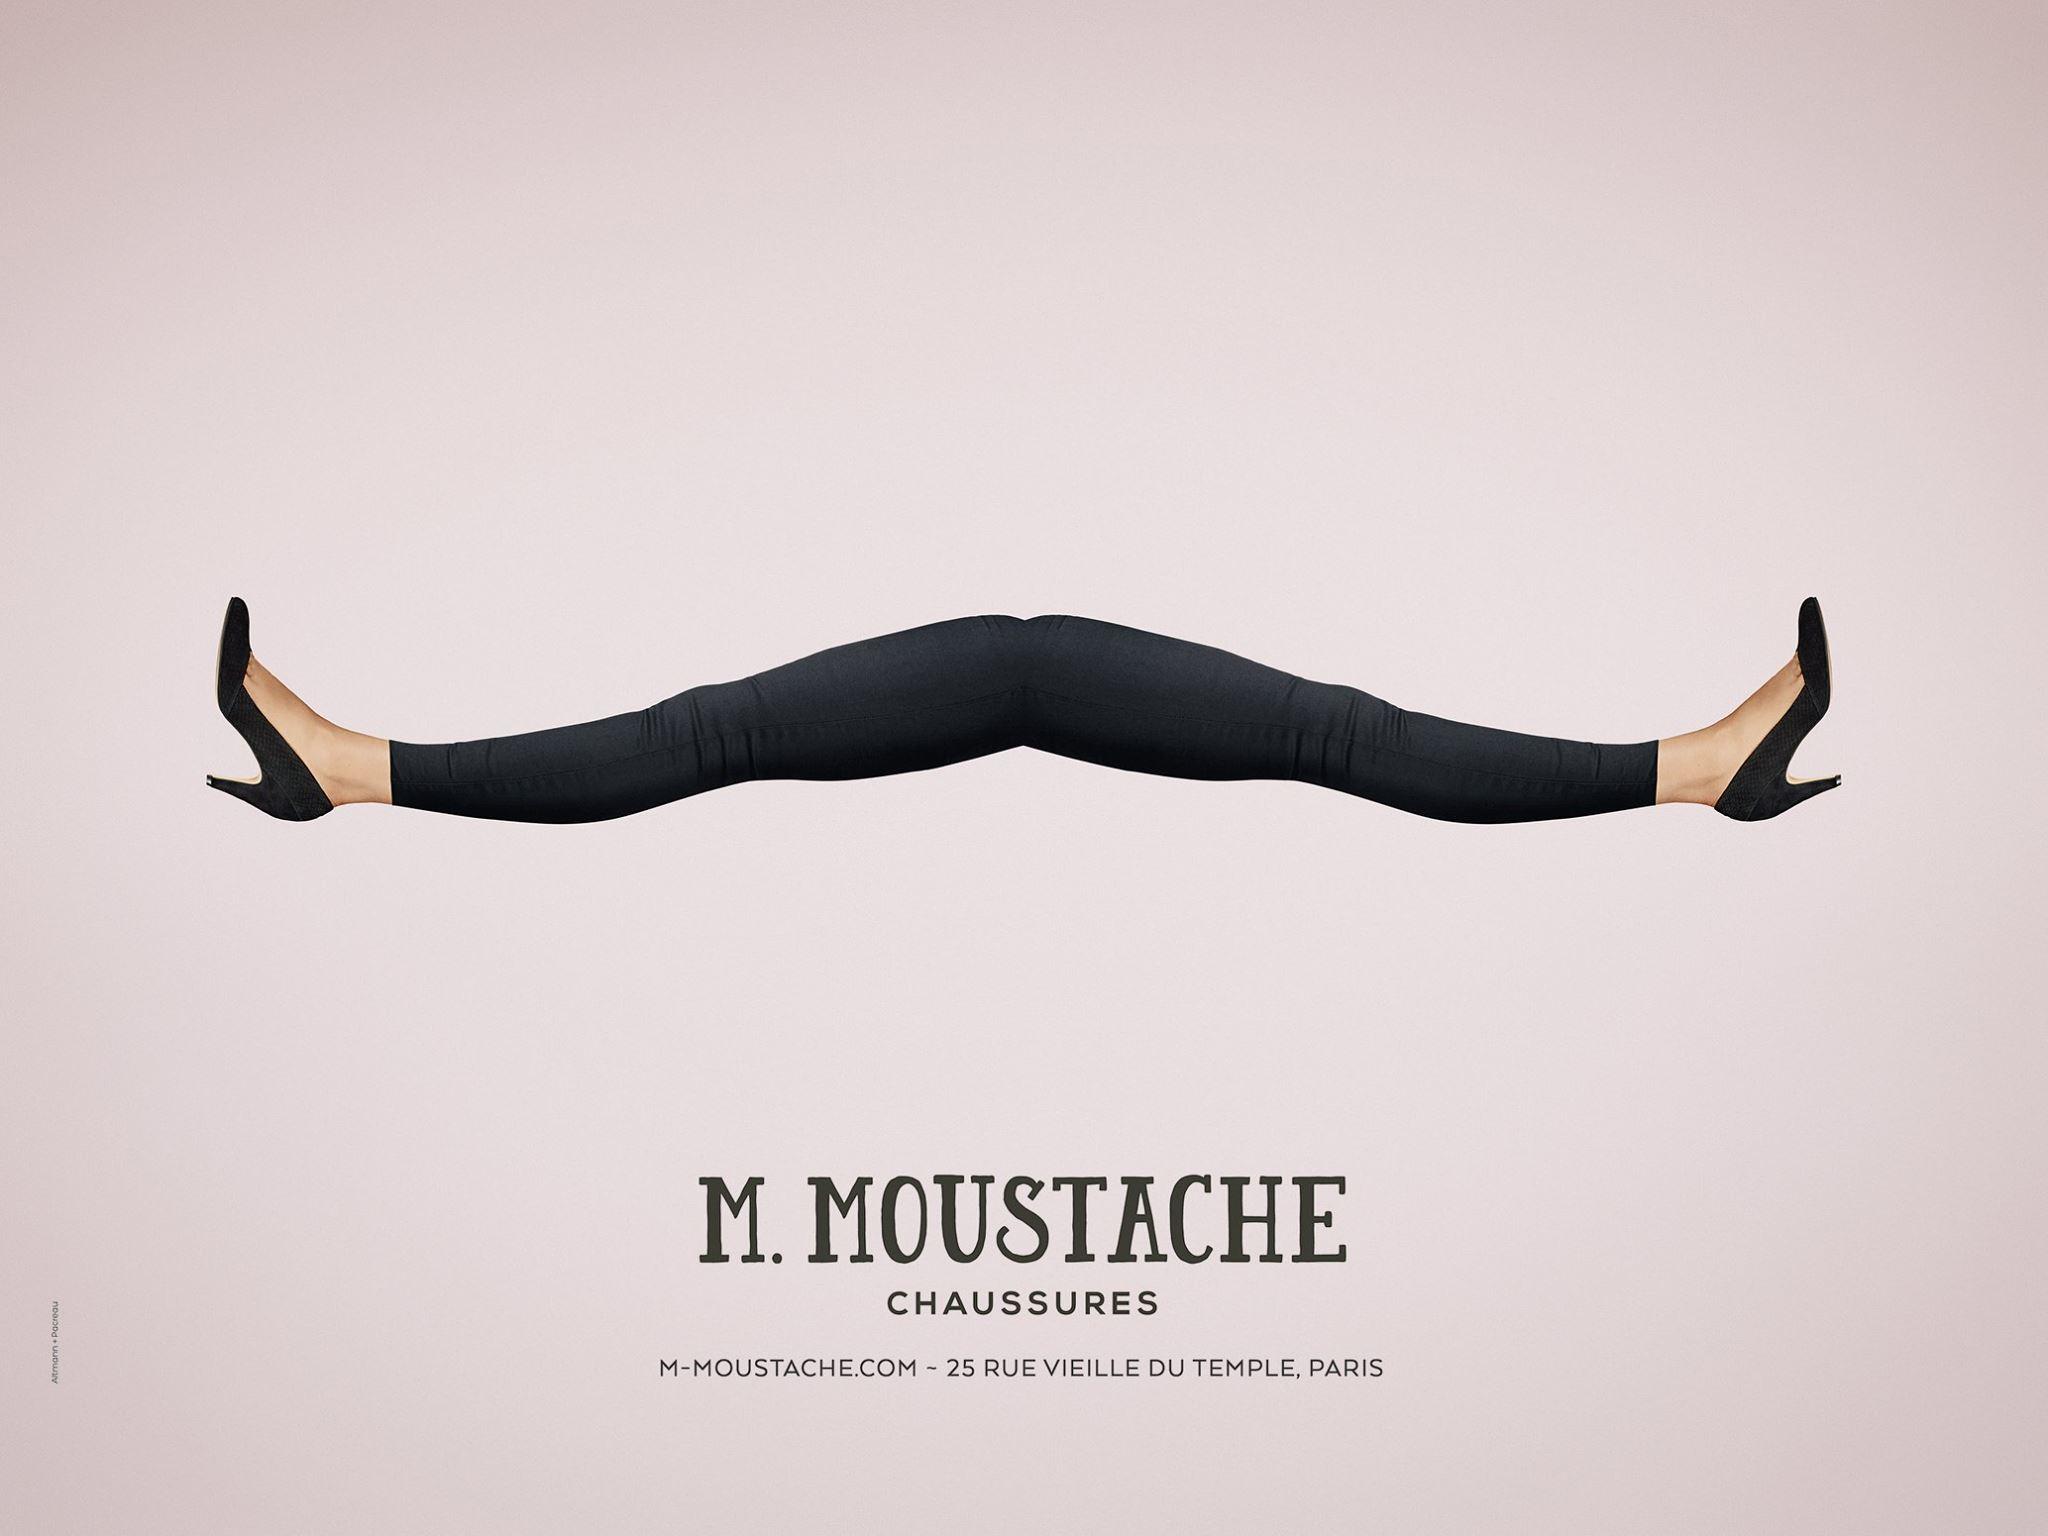 m-monsieur-moustache-chaussures-paris-rue-vieille-du-temple-publicite-affiche-agence-altmann-pacreau-3